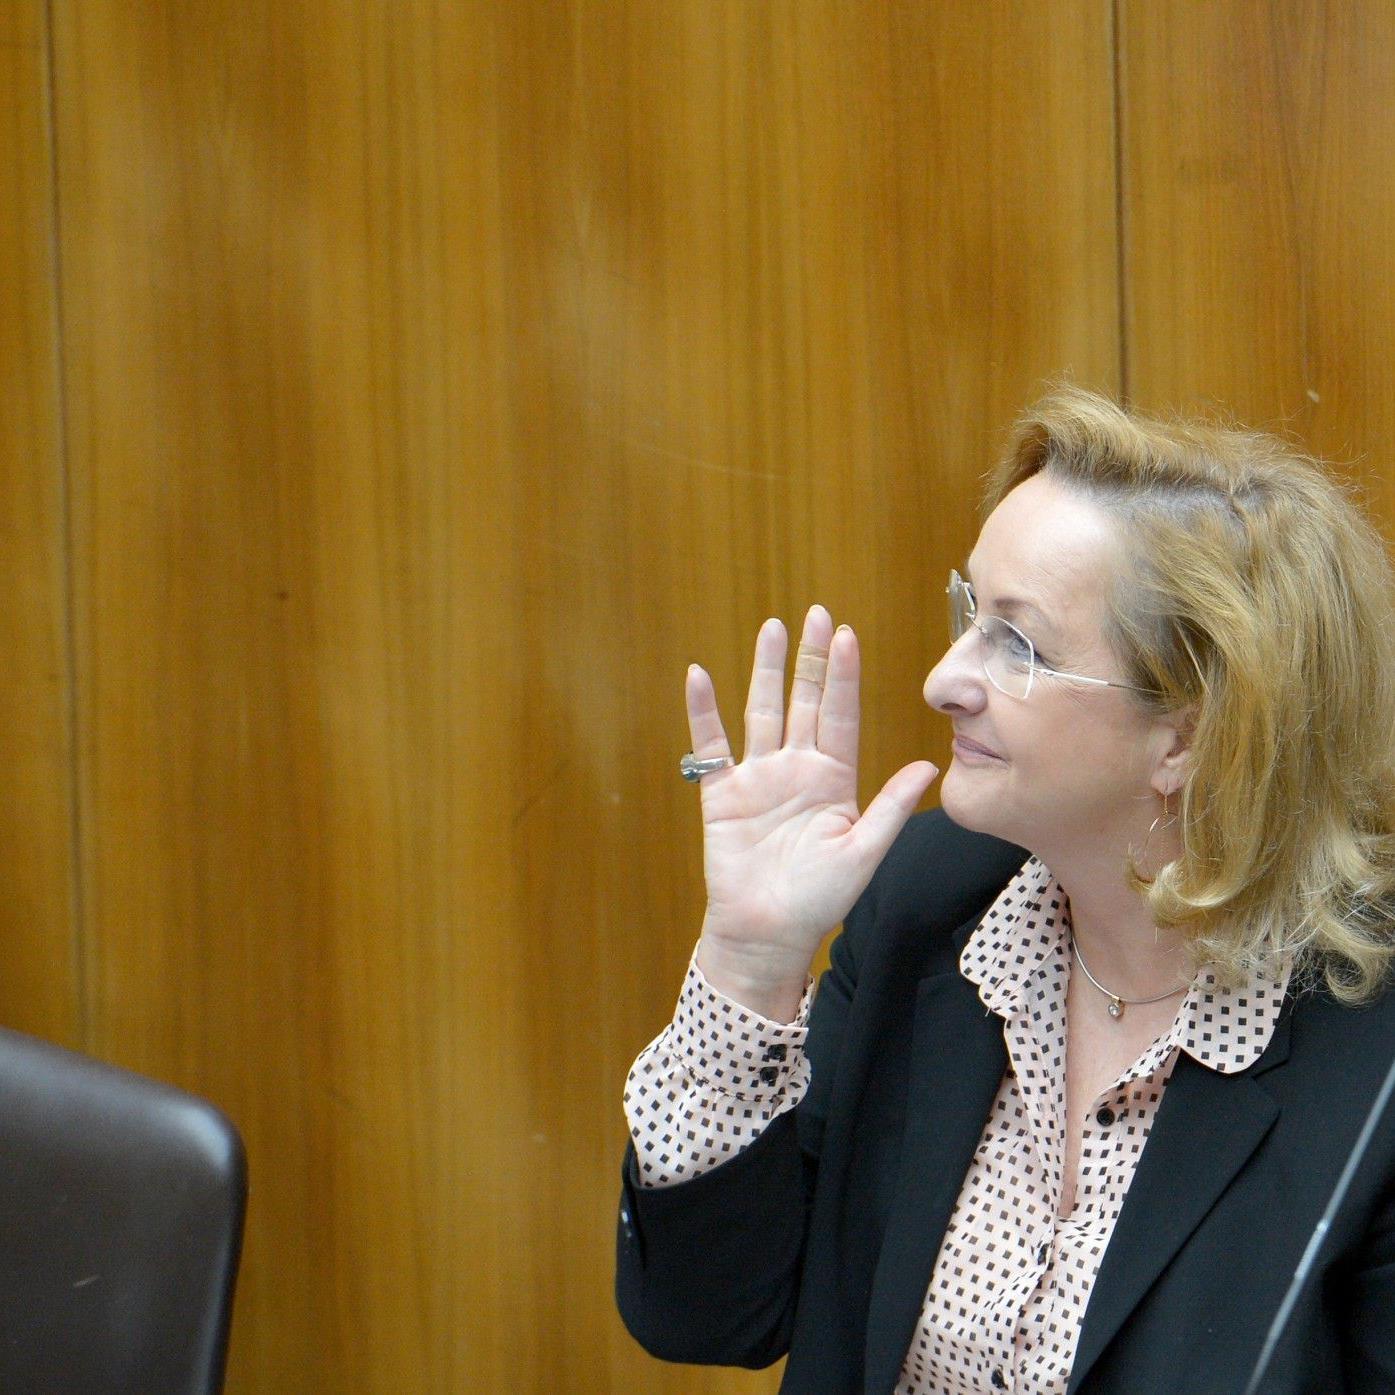 Fekter: Ab 2013 sollen finanzielle Auswirkungen von Gesetzesentwürfen umfangreicher dargestellt werden.